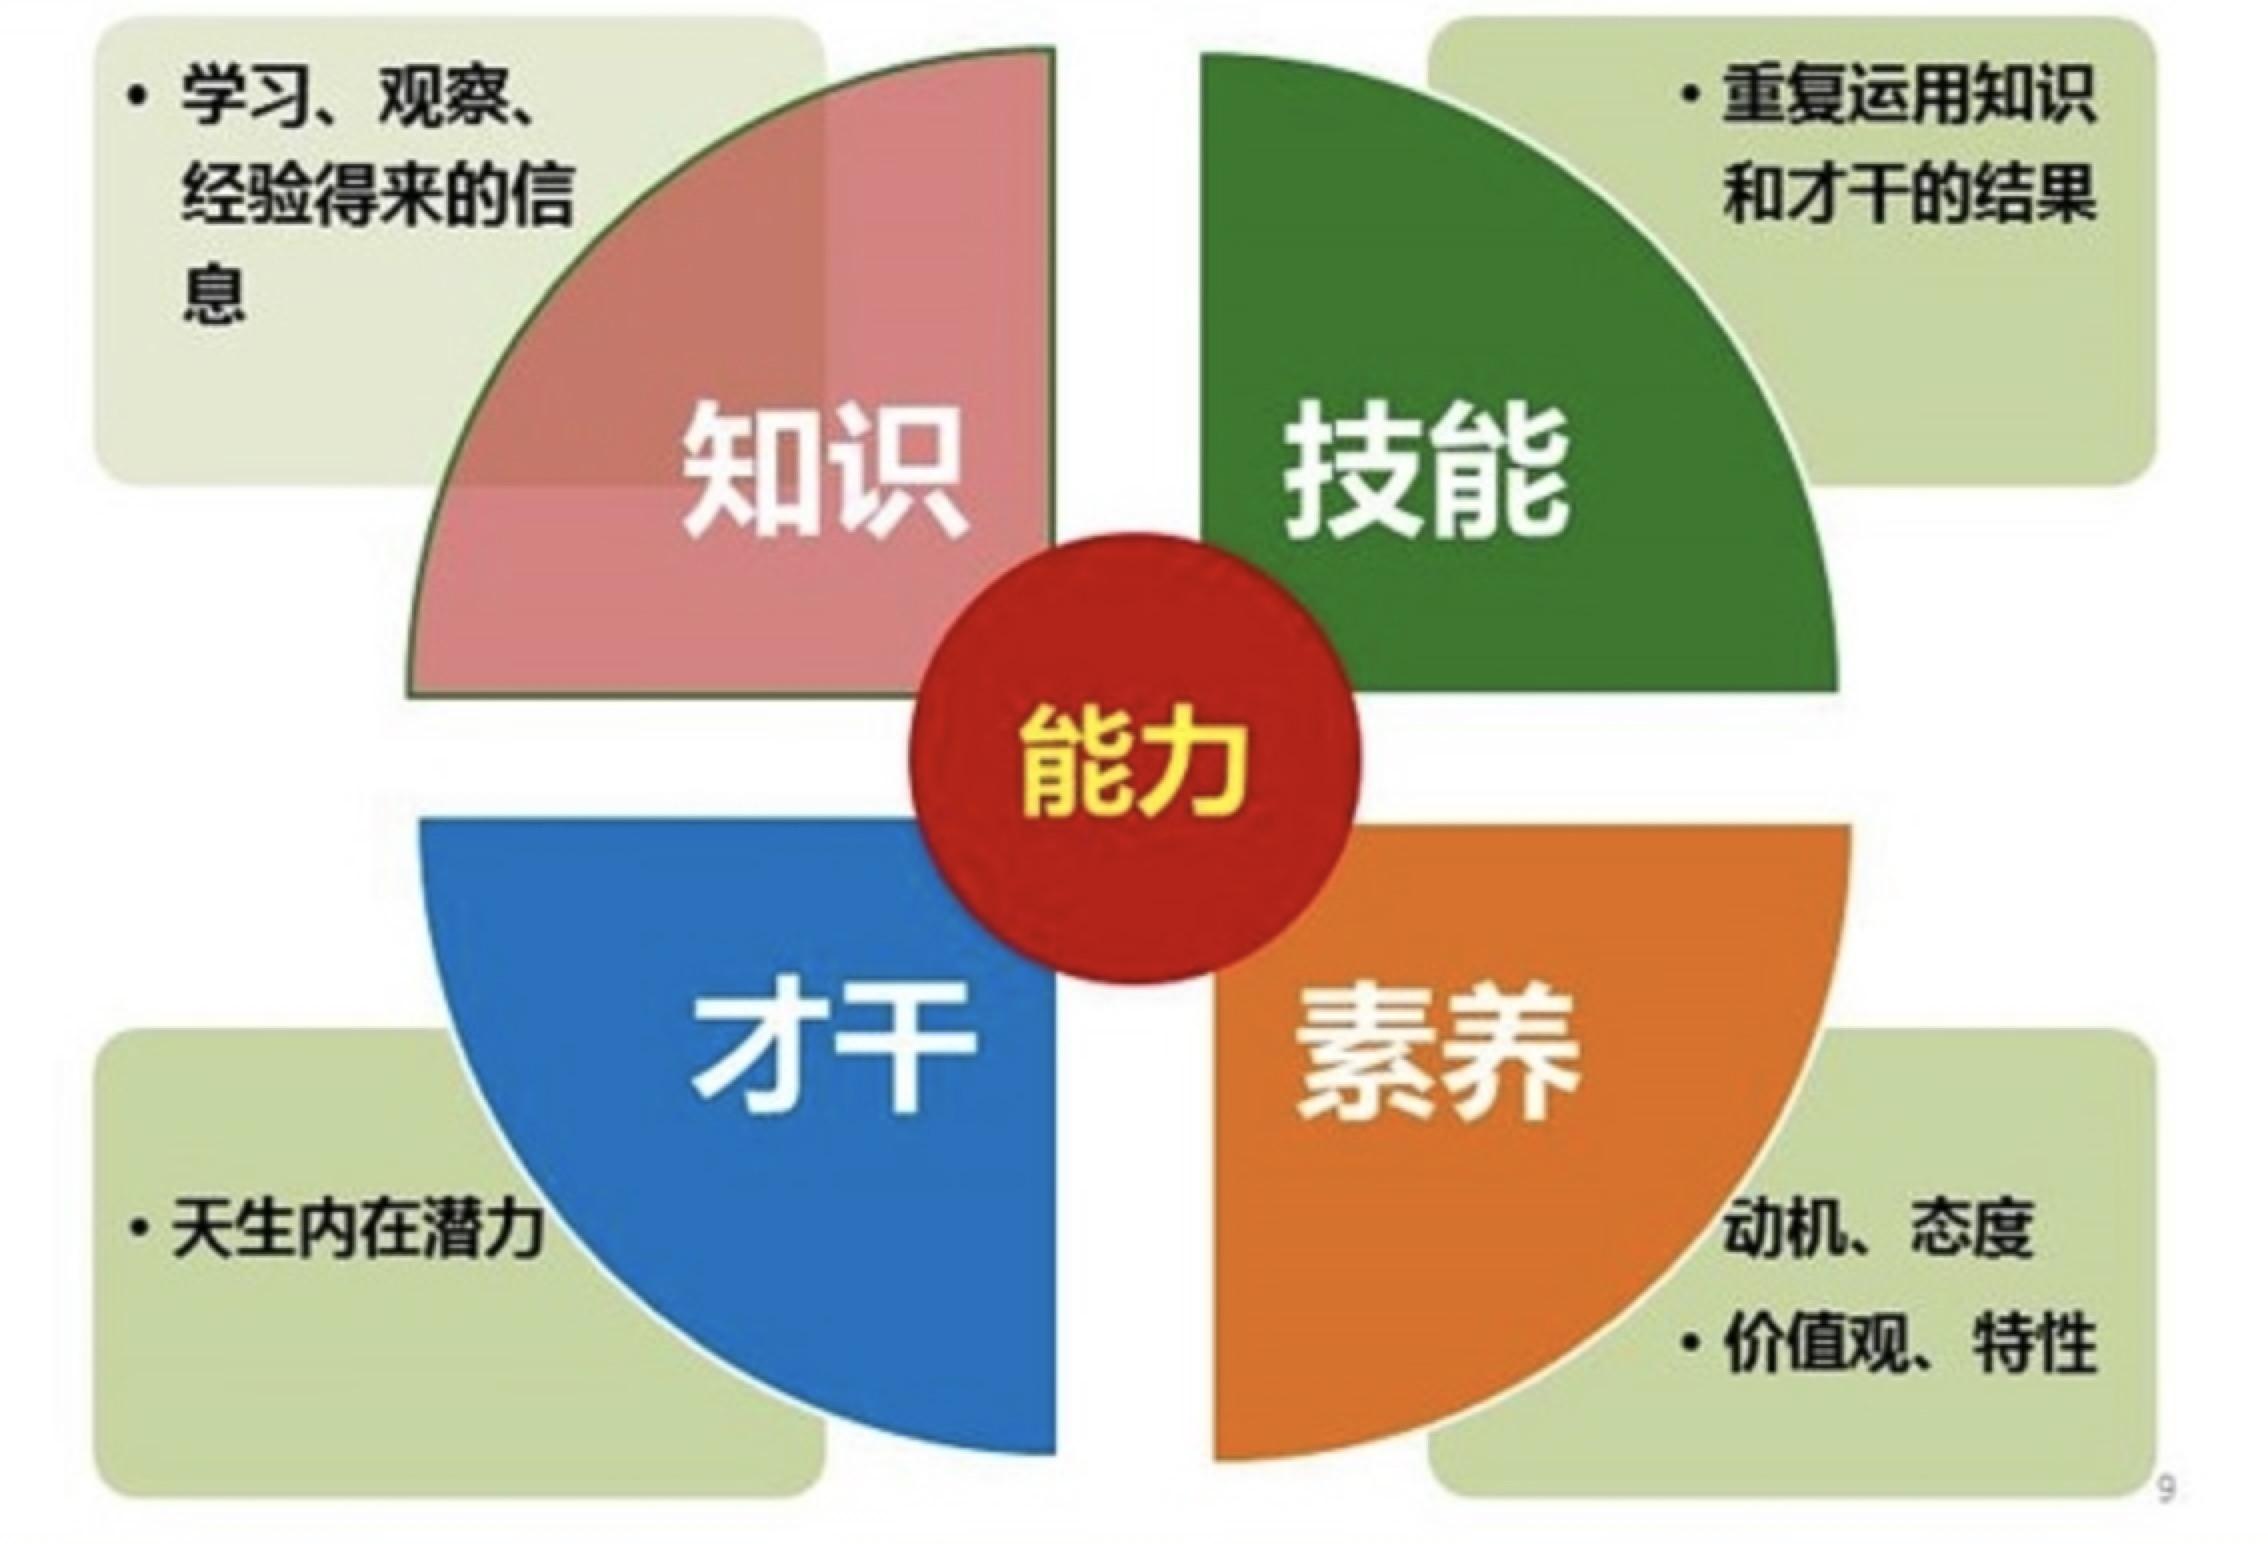 治素质和职业道德_职业素质的特征有哪几个方面?_百度知道